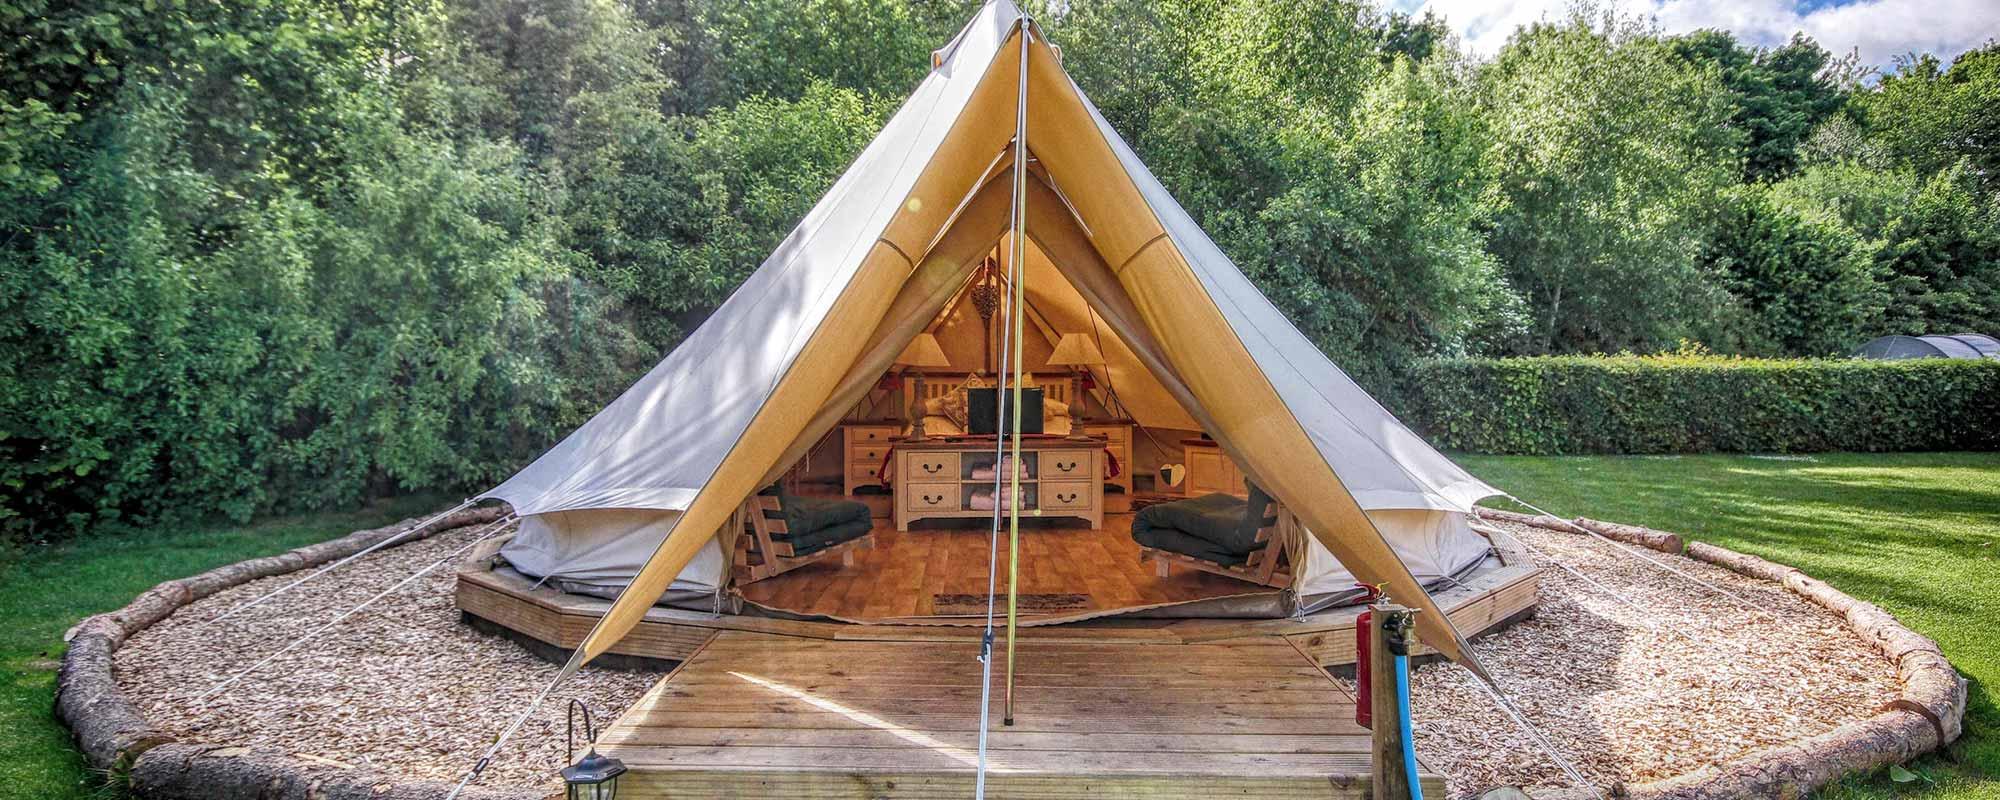 Menu & Bell Tent Glamping in Norfolk   Deeru0027s Glade